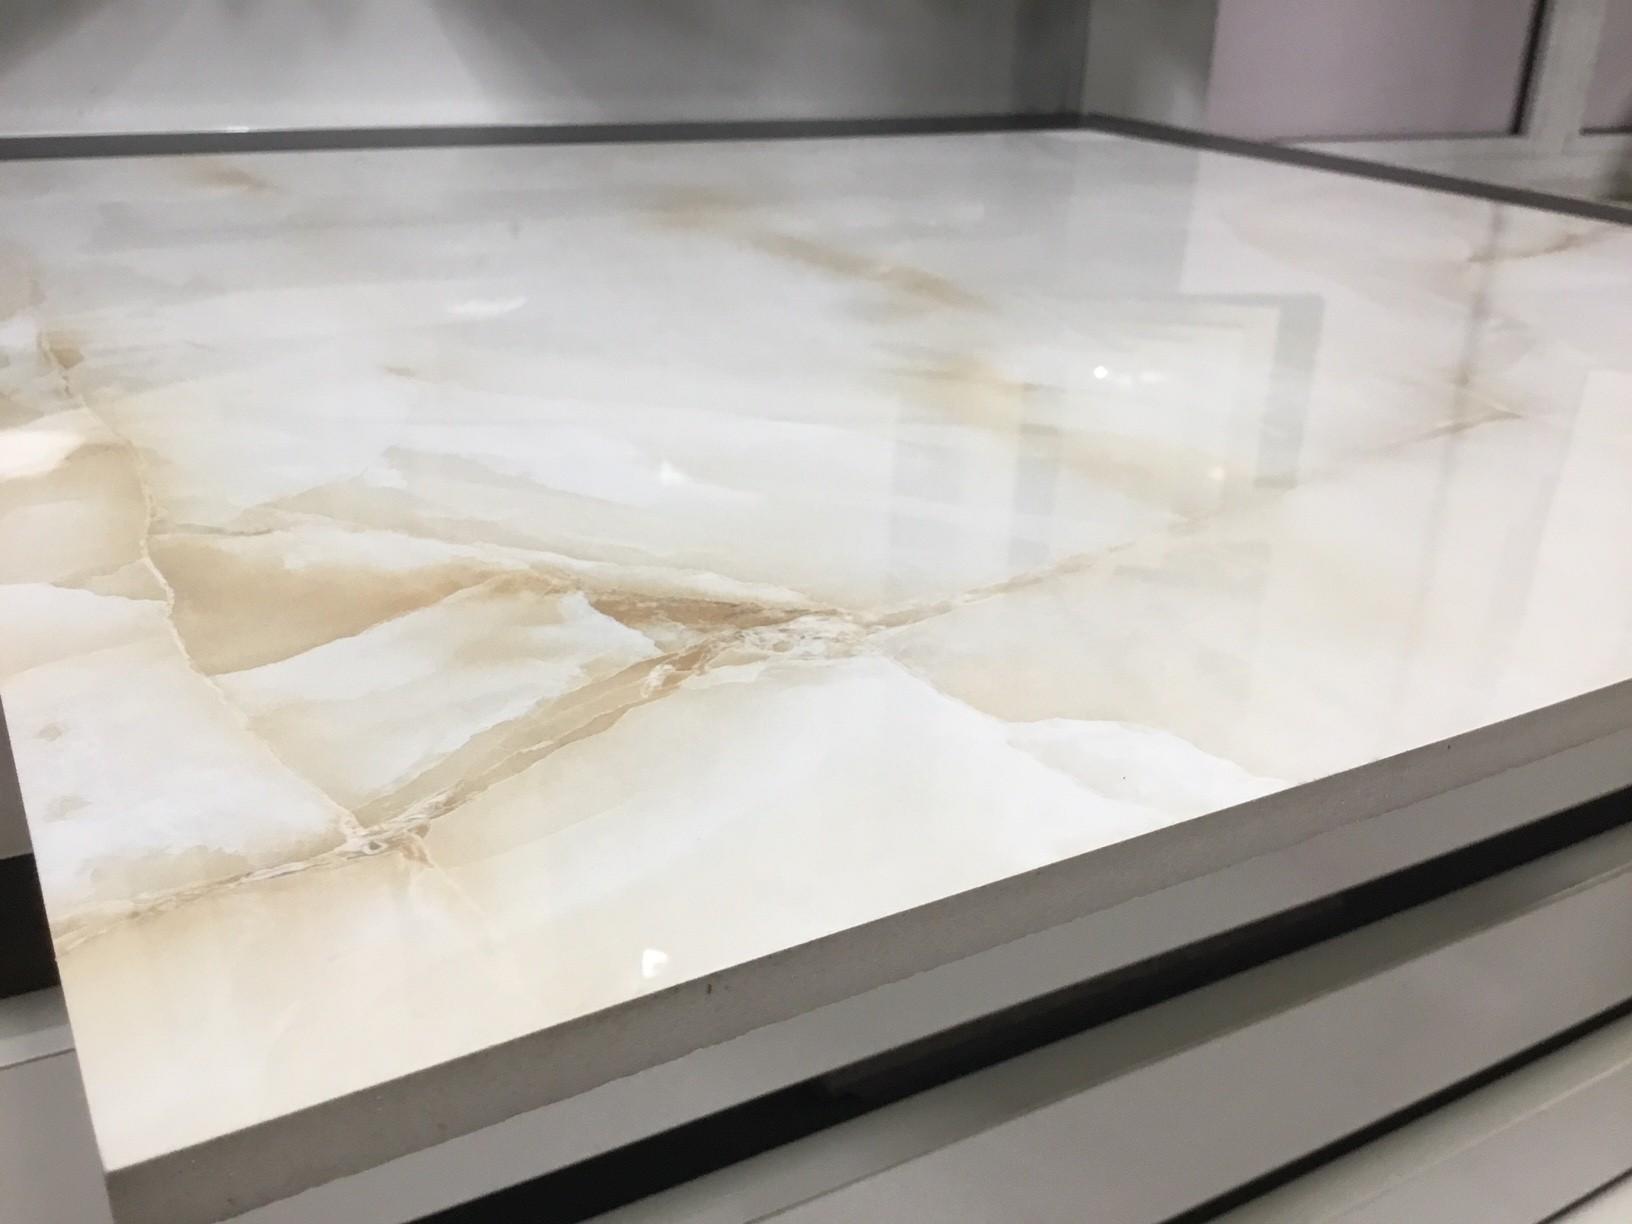 Pavimento in gres porcellanato levigato Verona Beige effetto marmo 1°Scelta